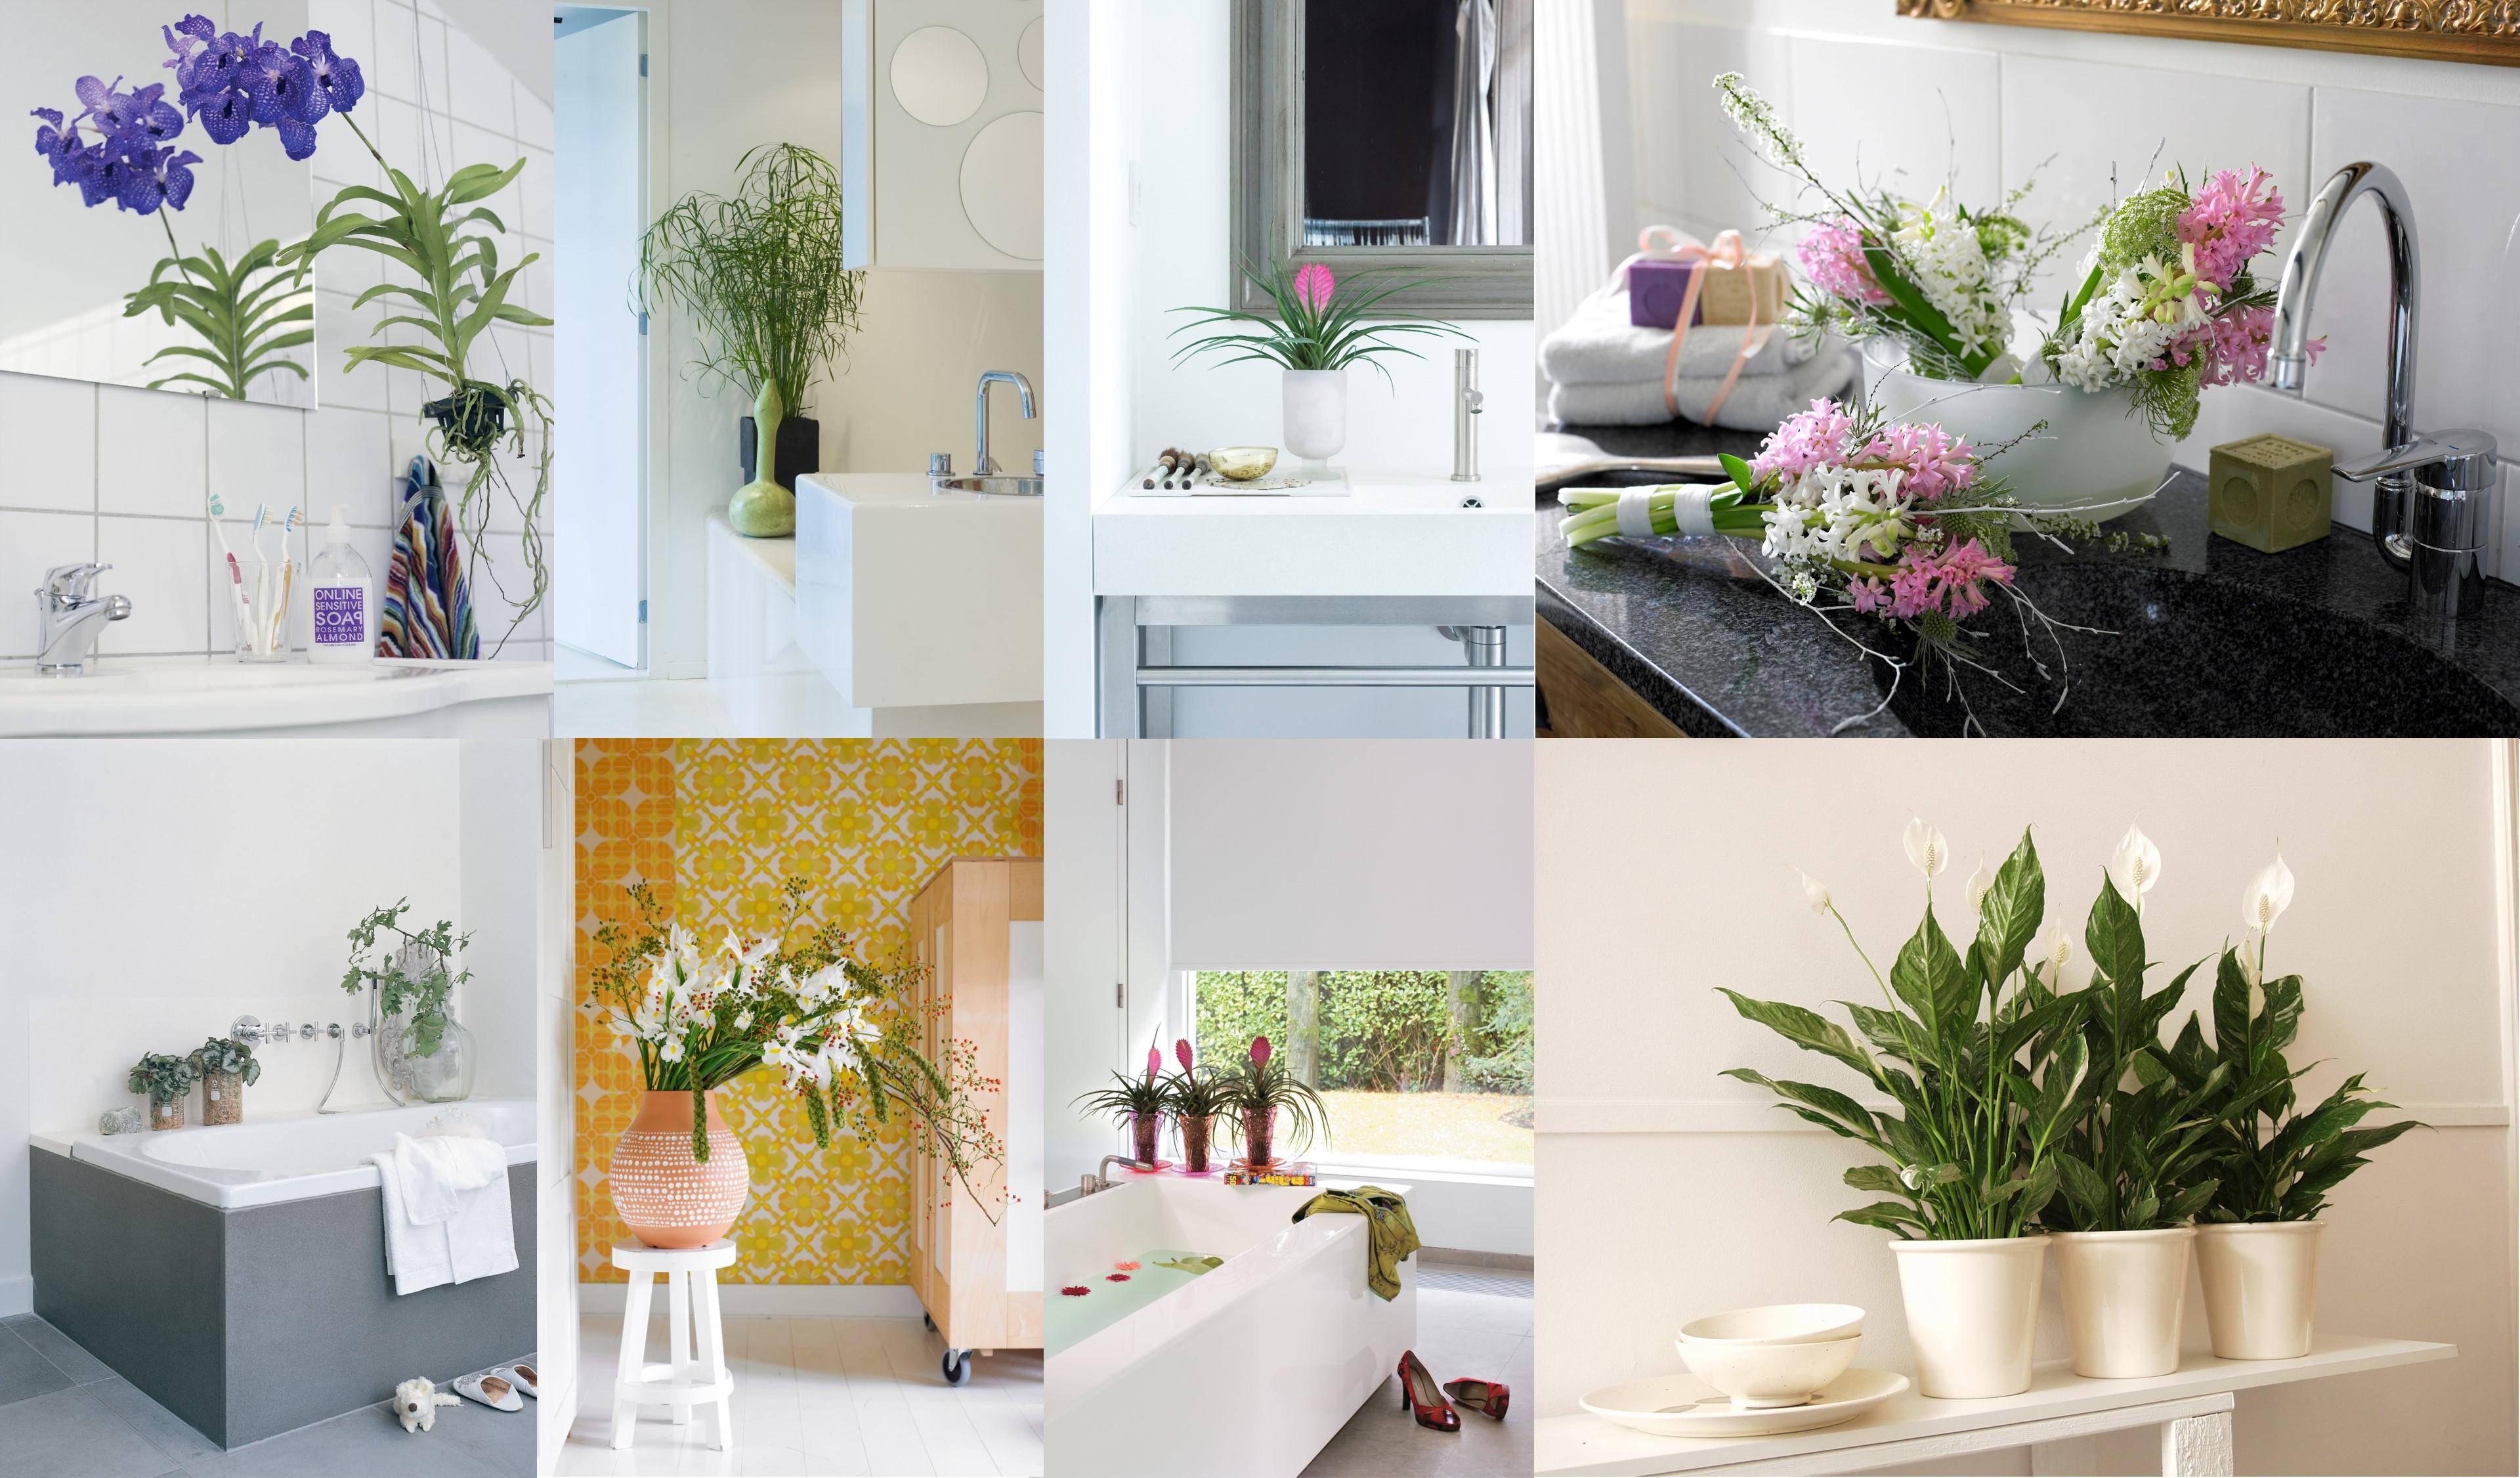 badezimmer trends 2019 badtrends meinstil magazin. Black Bedroom Furniture Sets. Home Design Ideas